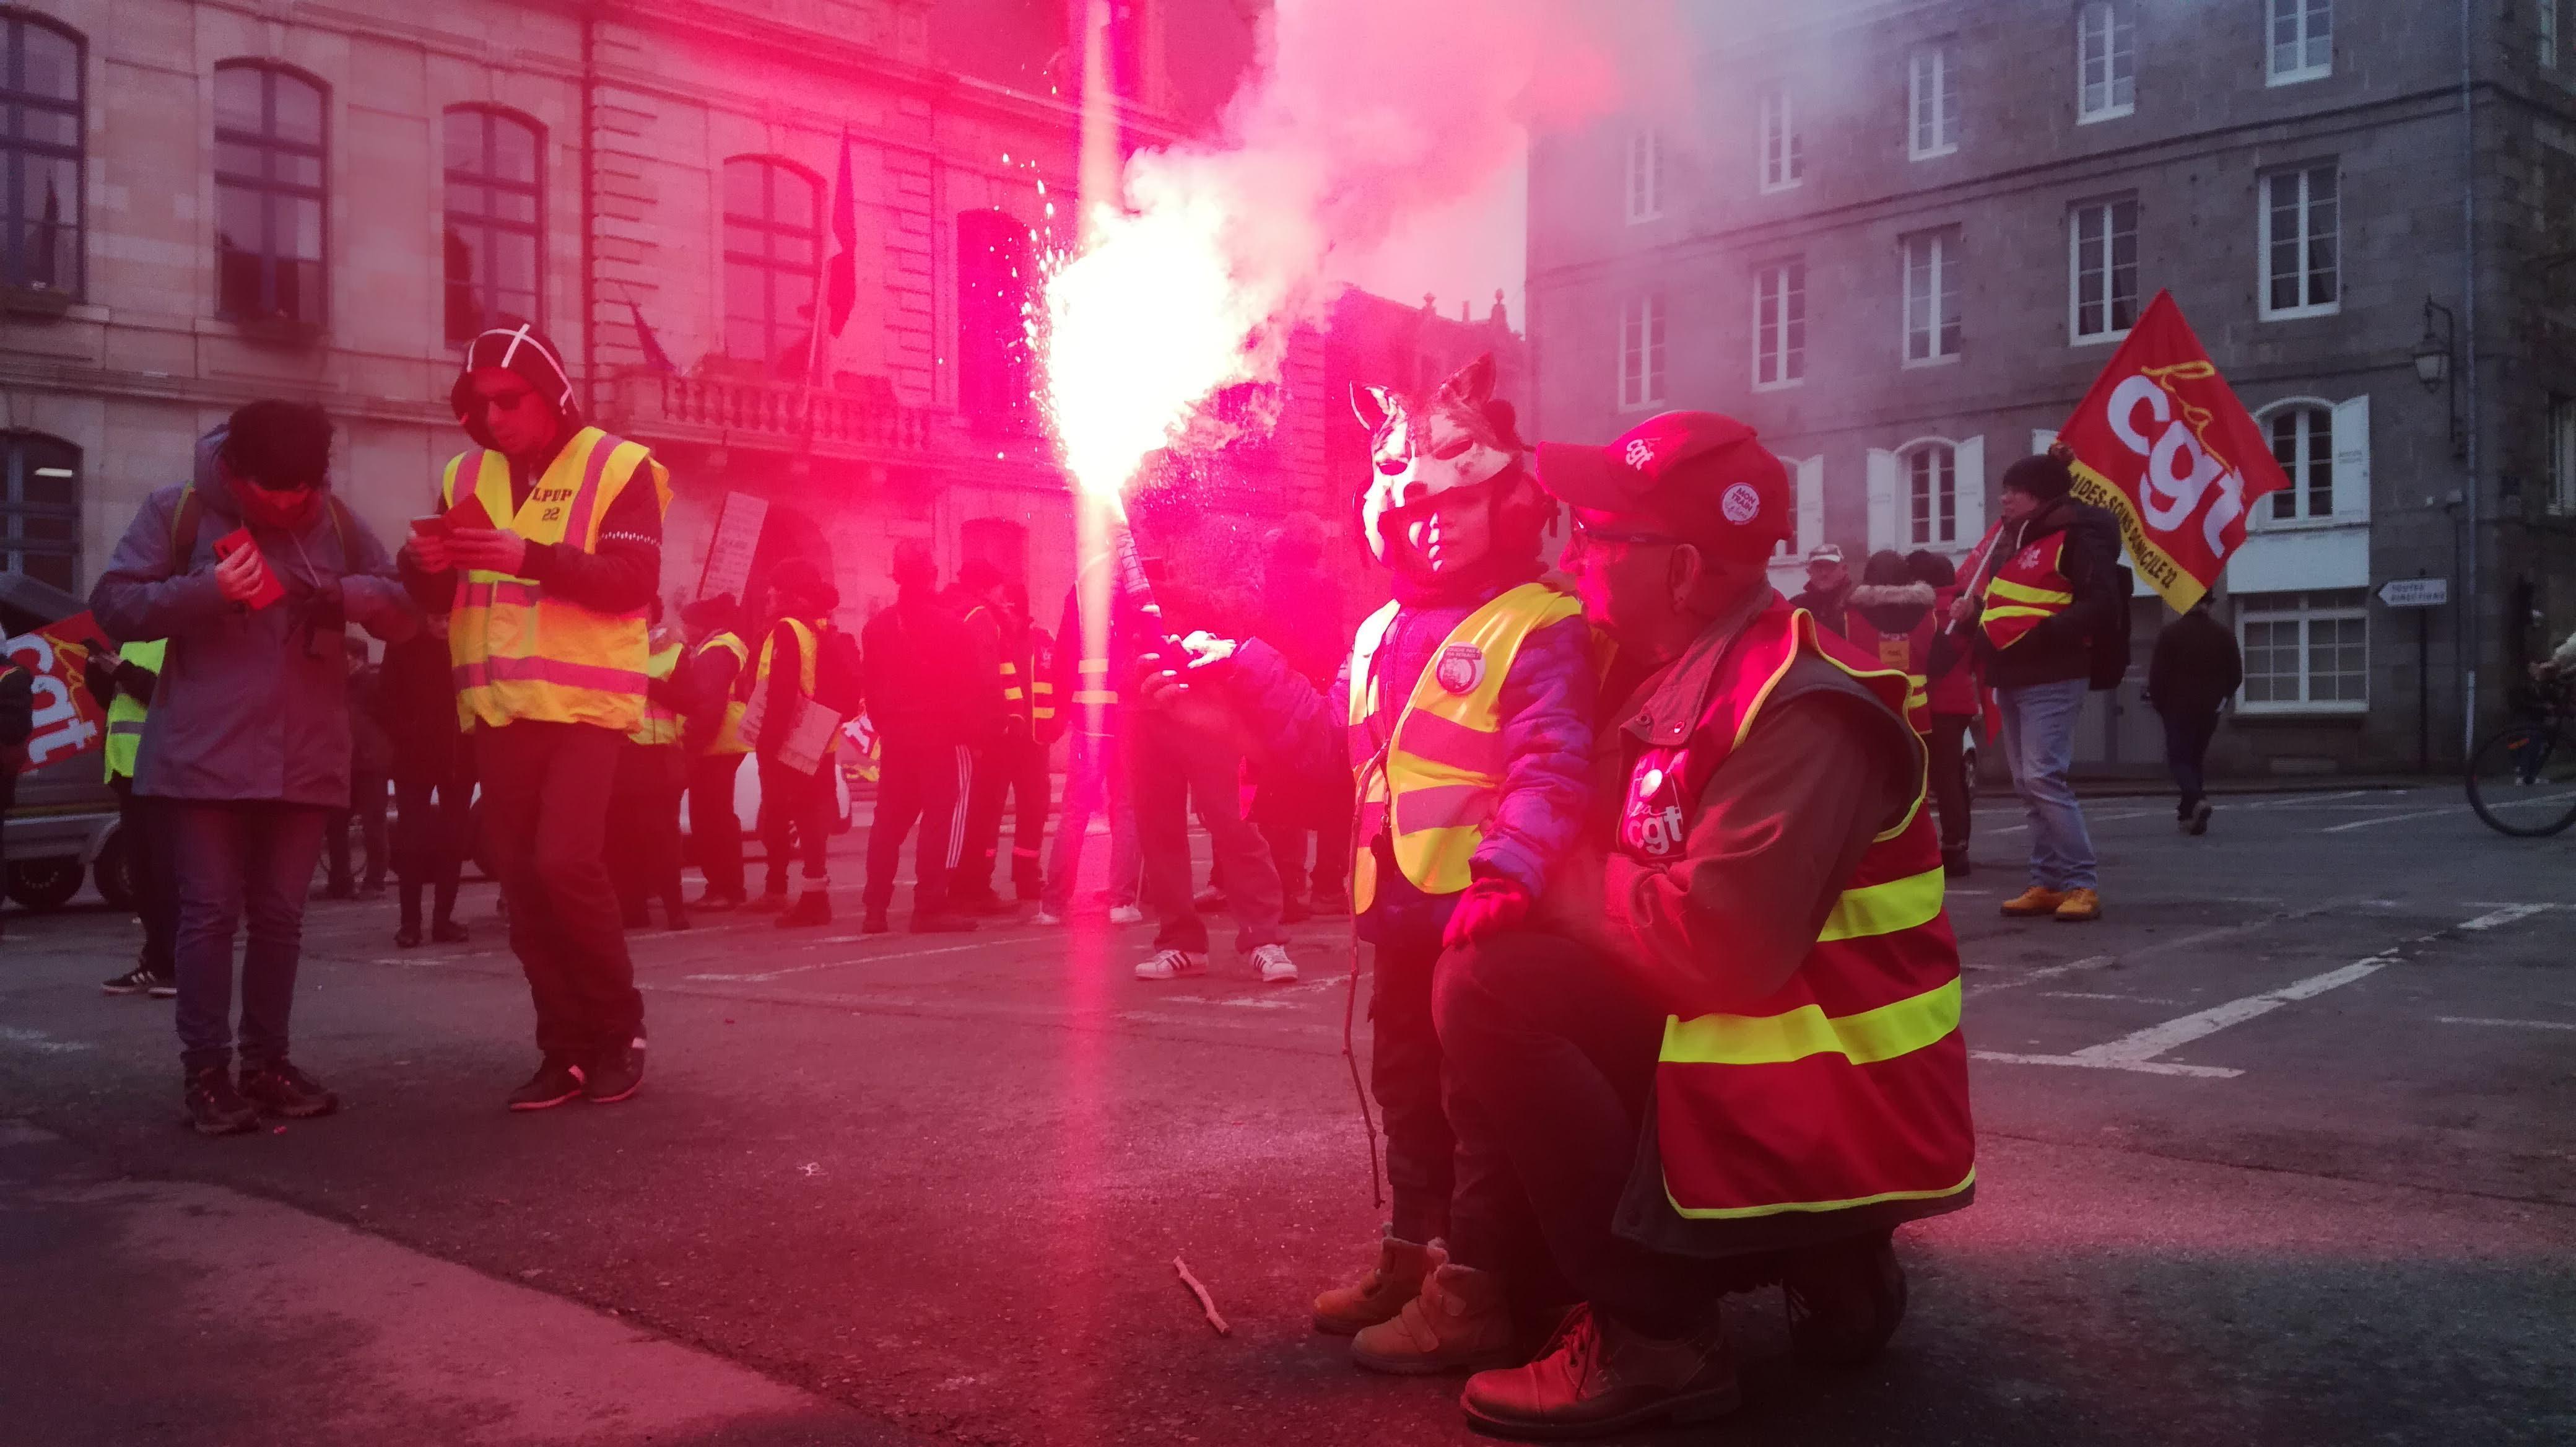 200124 - Manifestation intersyndicale contre réforme des retraites à Saint-Brieuc le 24 janvier 2020